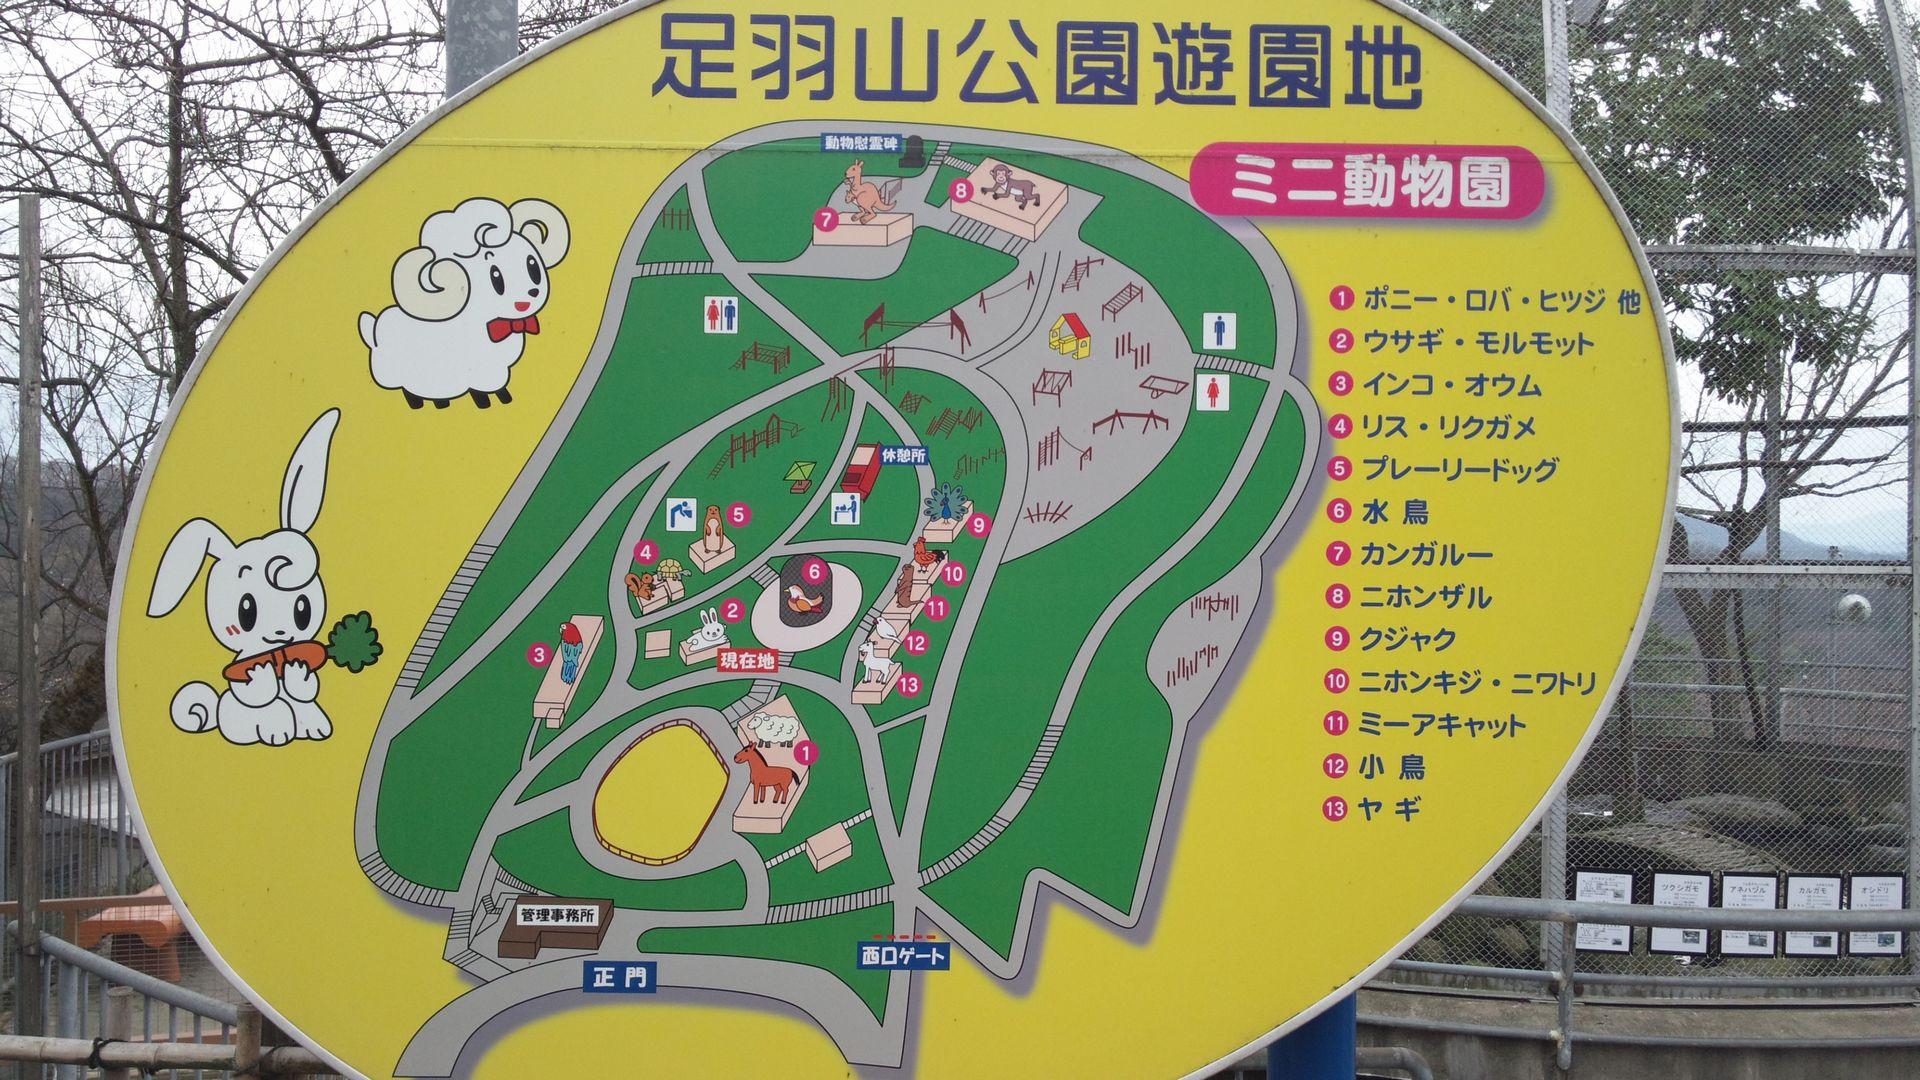 asuwayama04.jpg